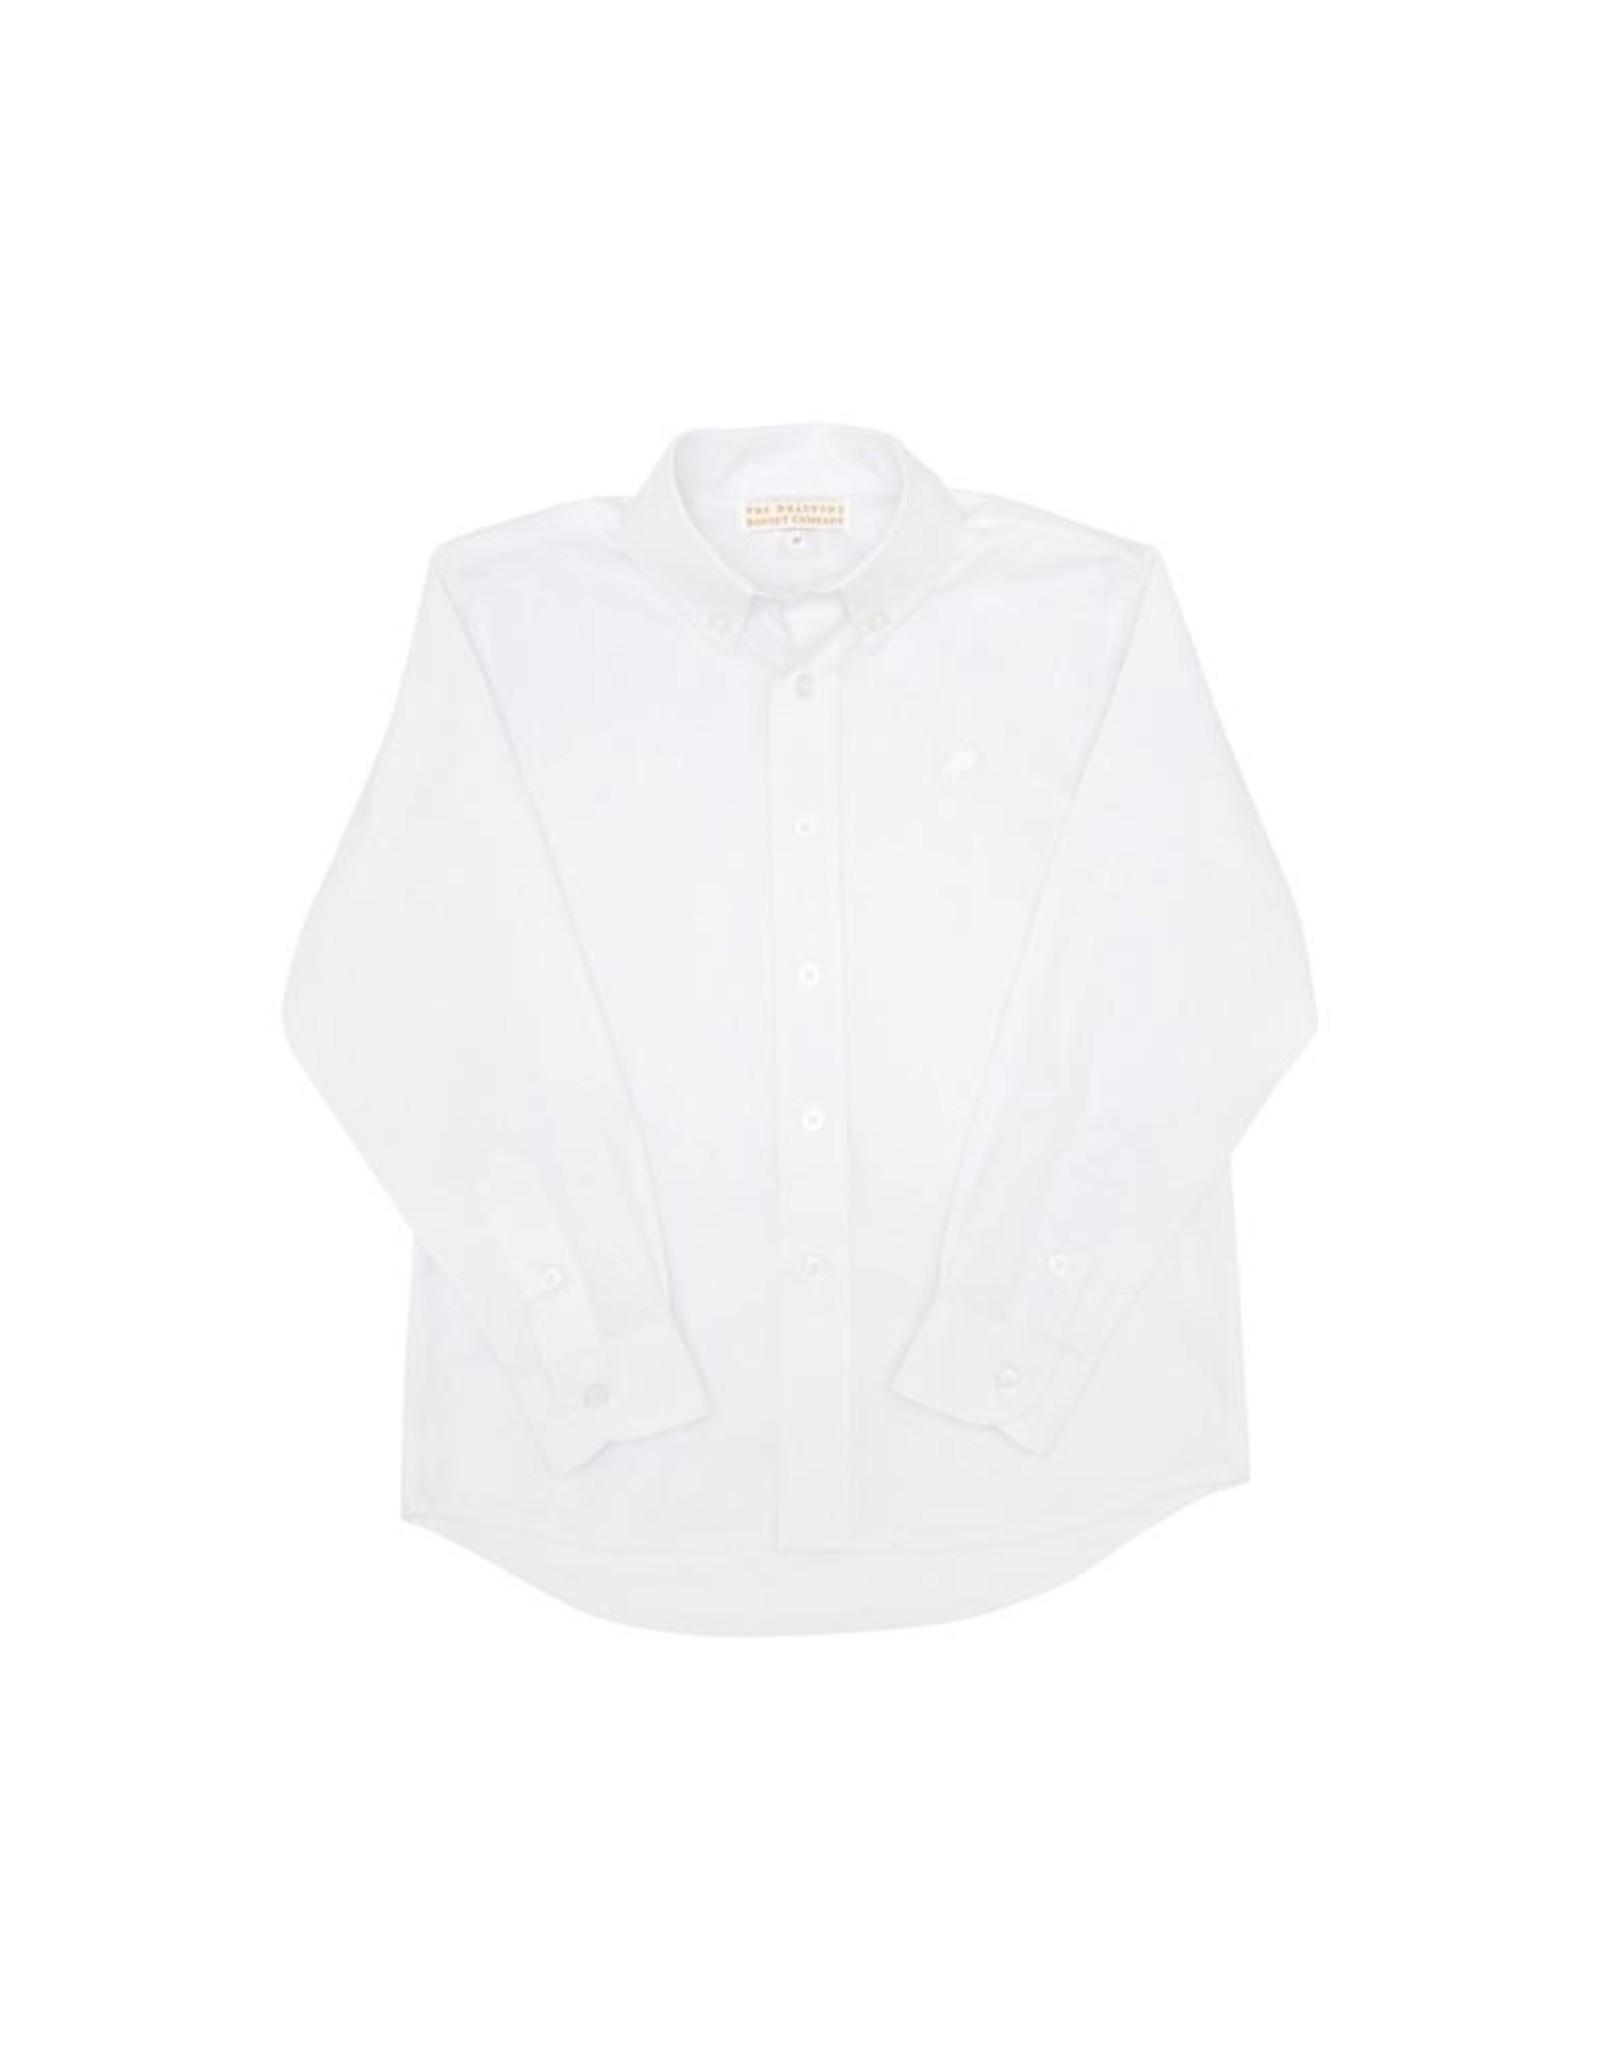 The Beaufort Bonnet Company Deans List Dress Shirt, Worth Avenue White